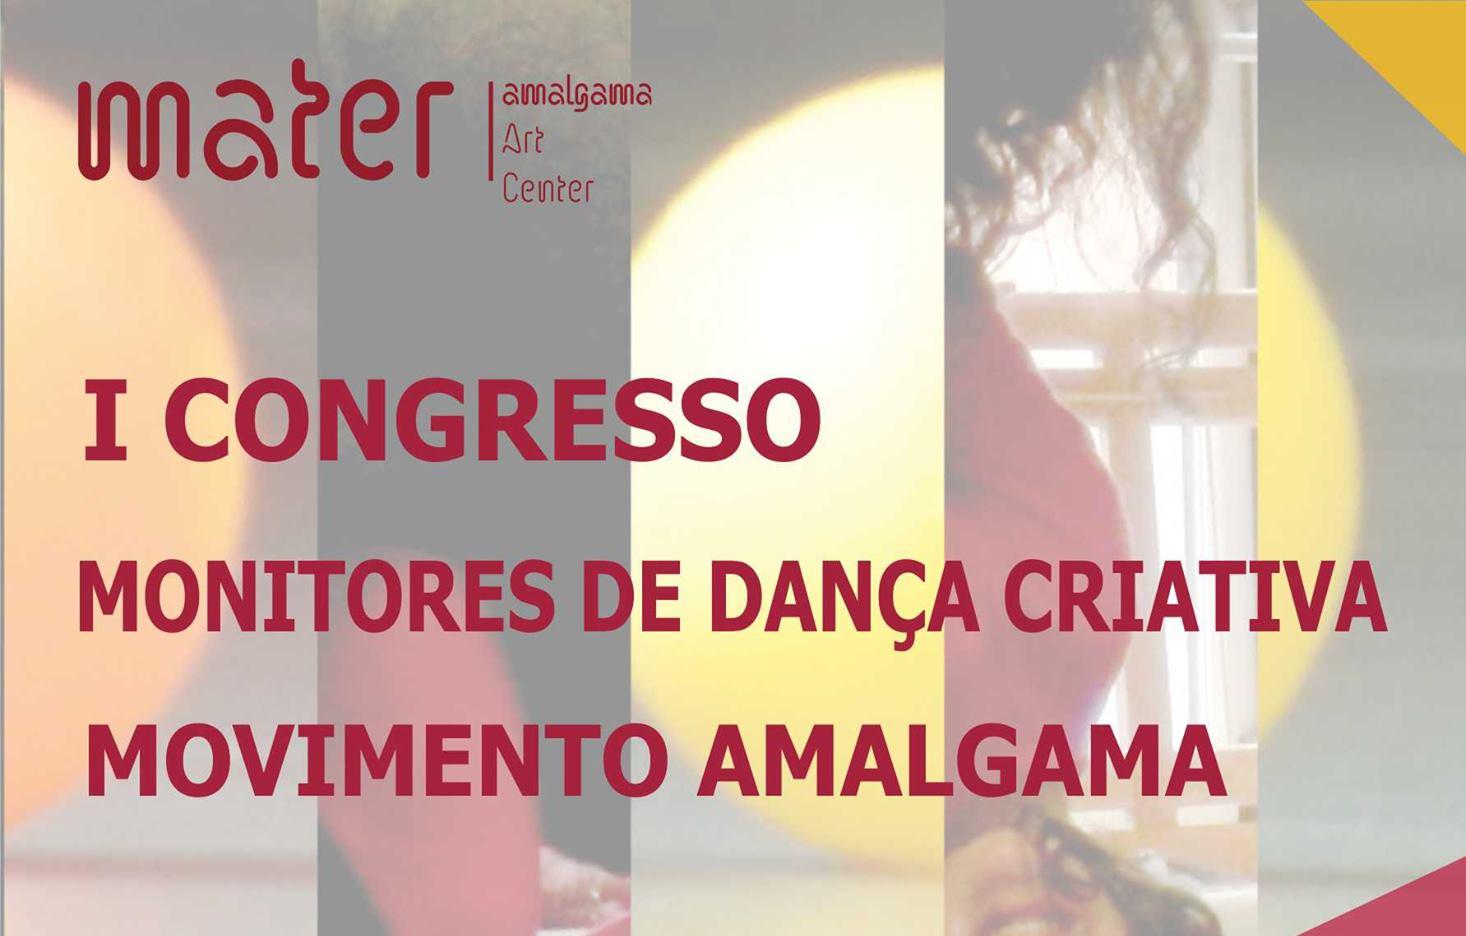 I Congresso Monitores de Dança Criativa Movimento Amalgama